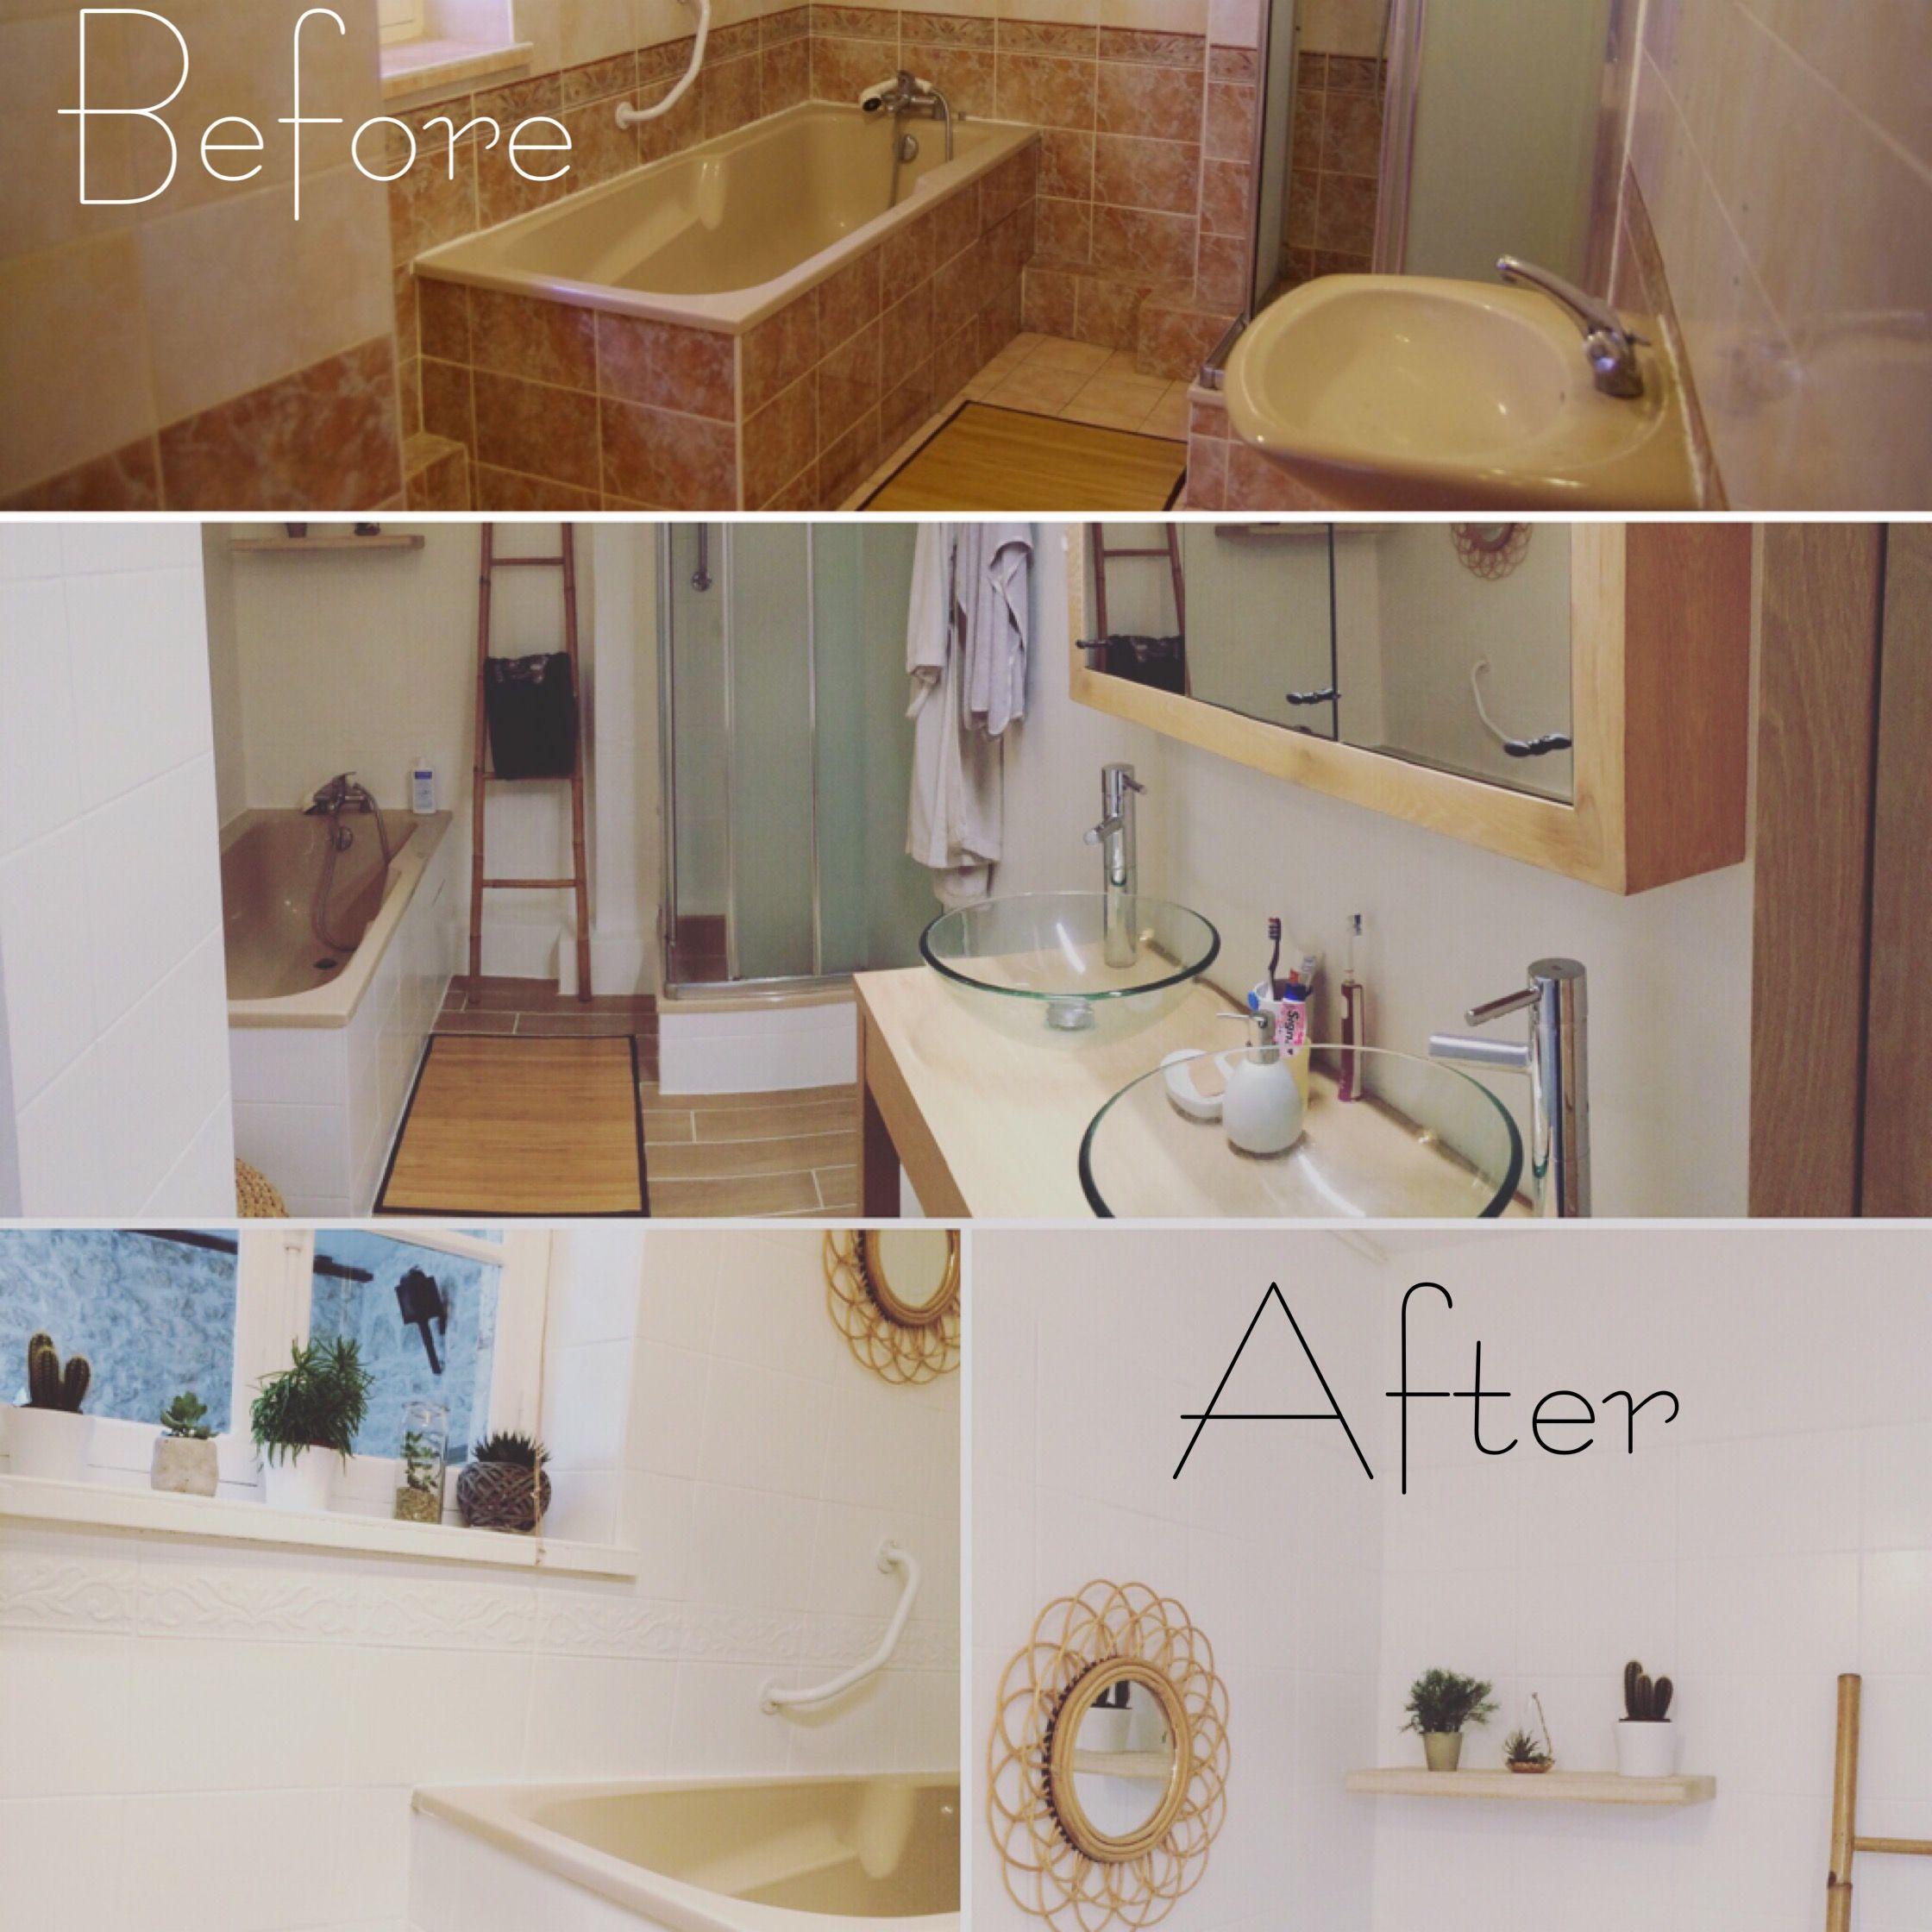 Le avant/après home staging de la salle de bain. Peinture pour